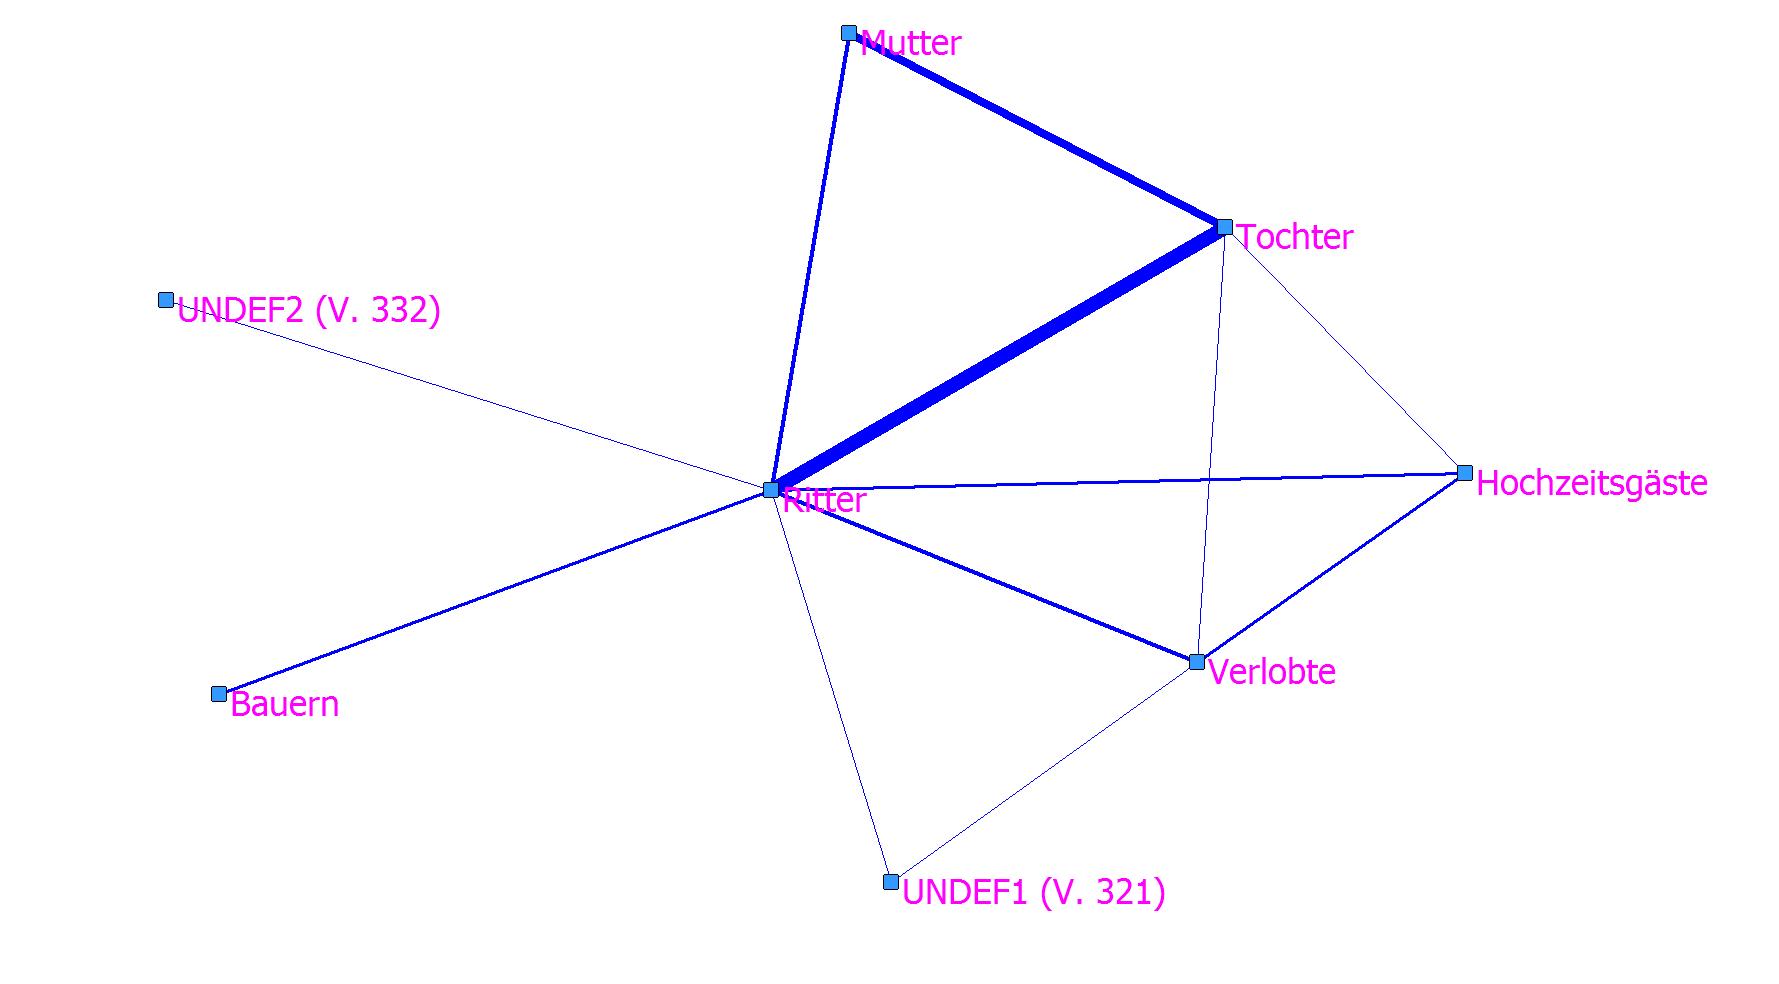 Abb. 16: SNA-Plot zum Häslein auf Basis von <FigurFokusort>. [Grafik: Dimpel 2016.]